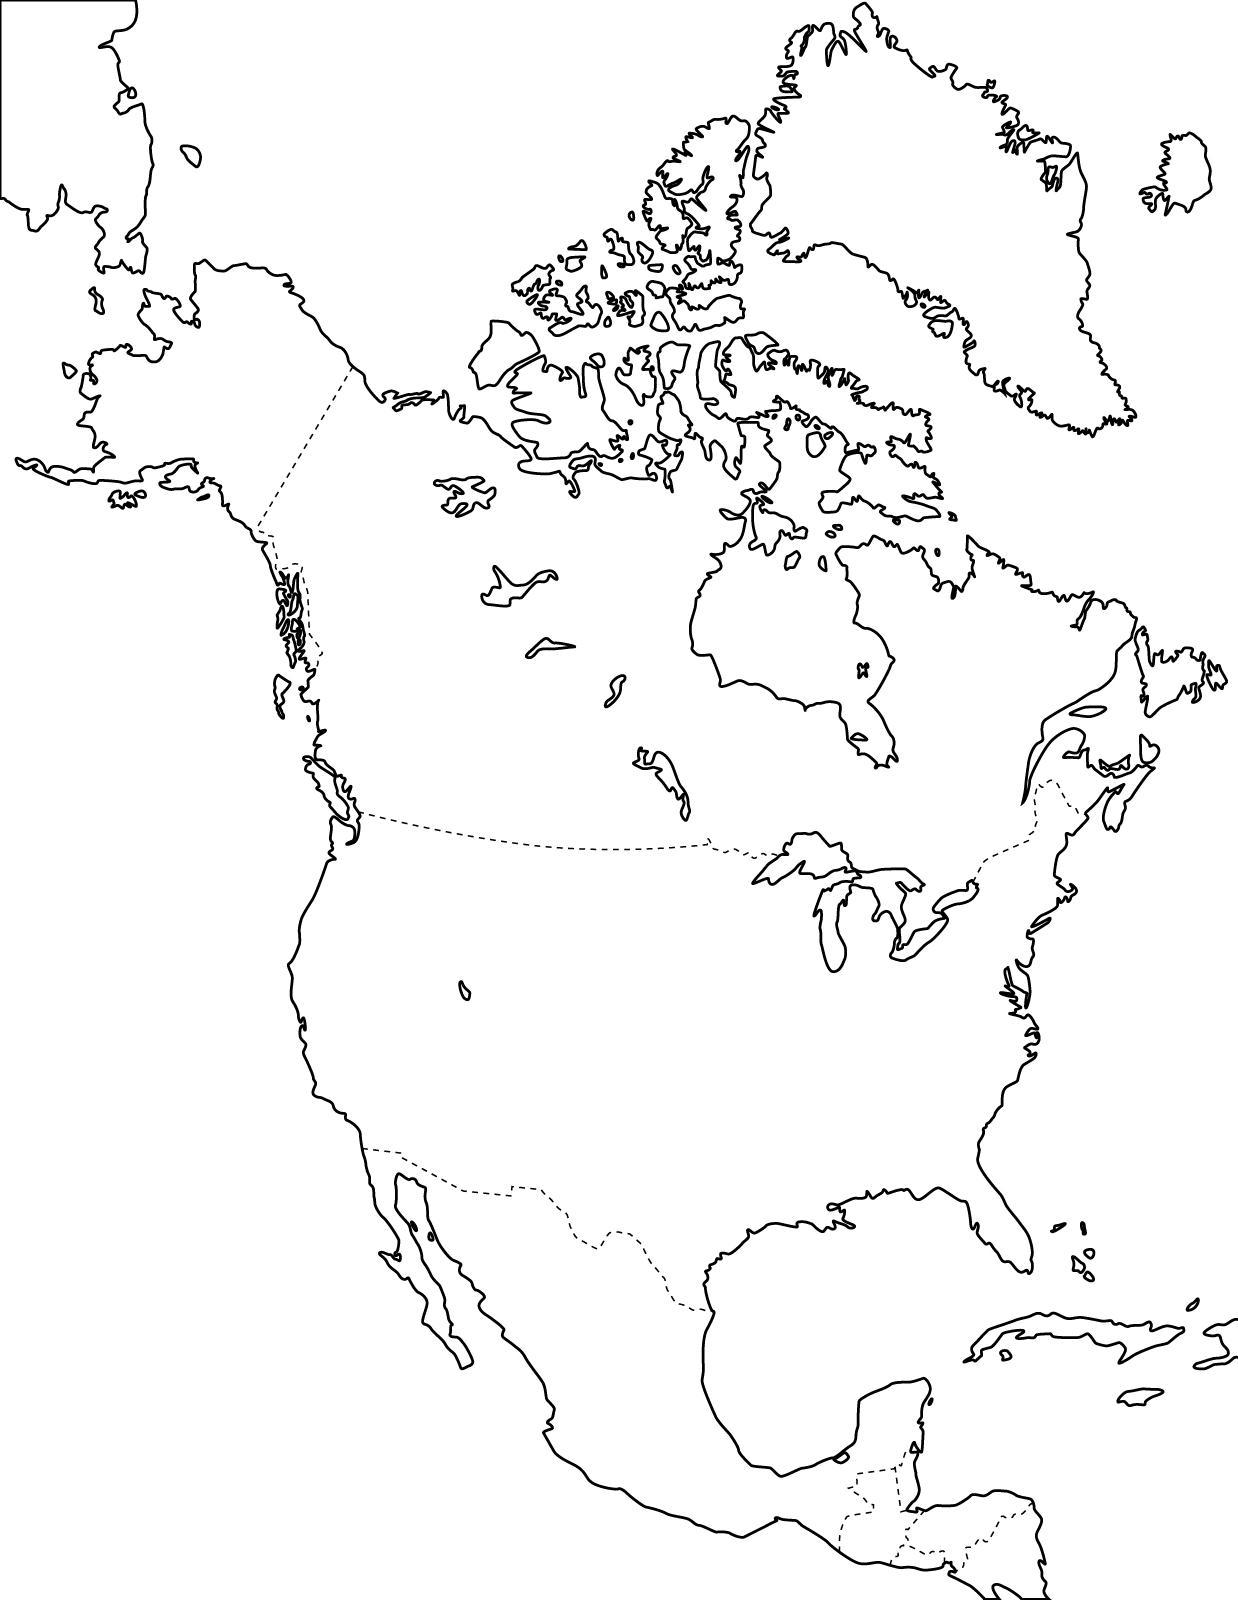 Mapa Politico Mudo De America Del Norte Para Imprimir Mapa De